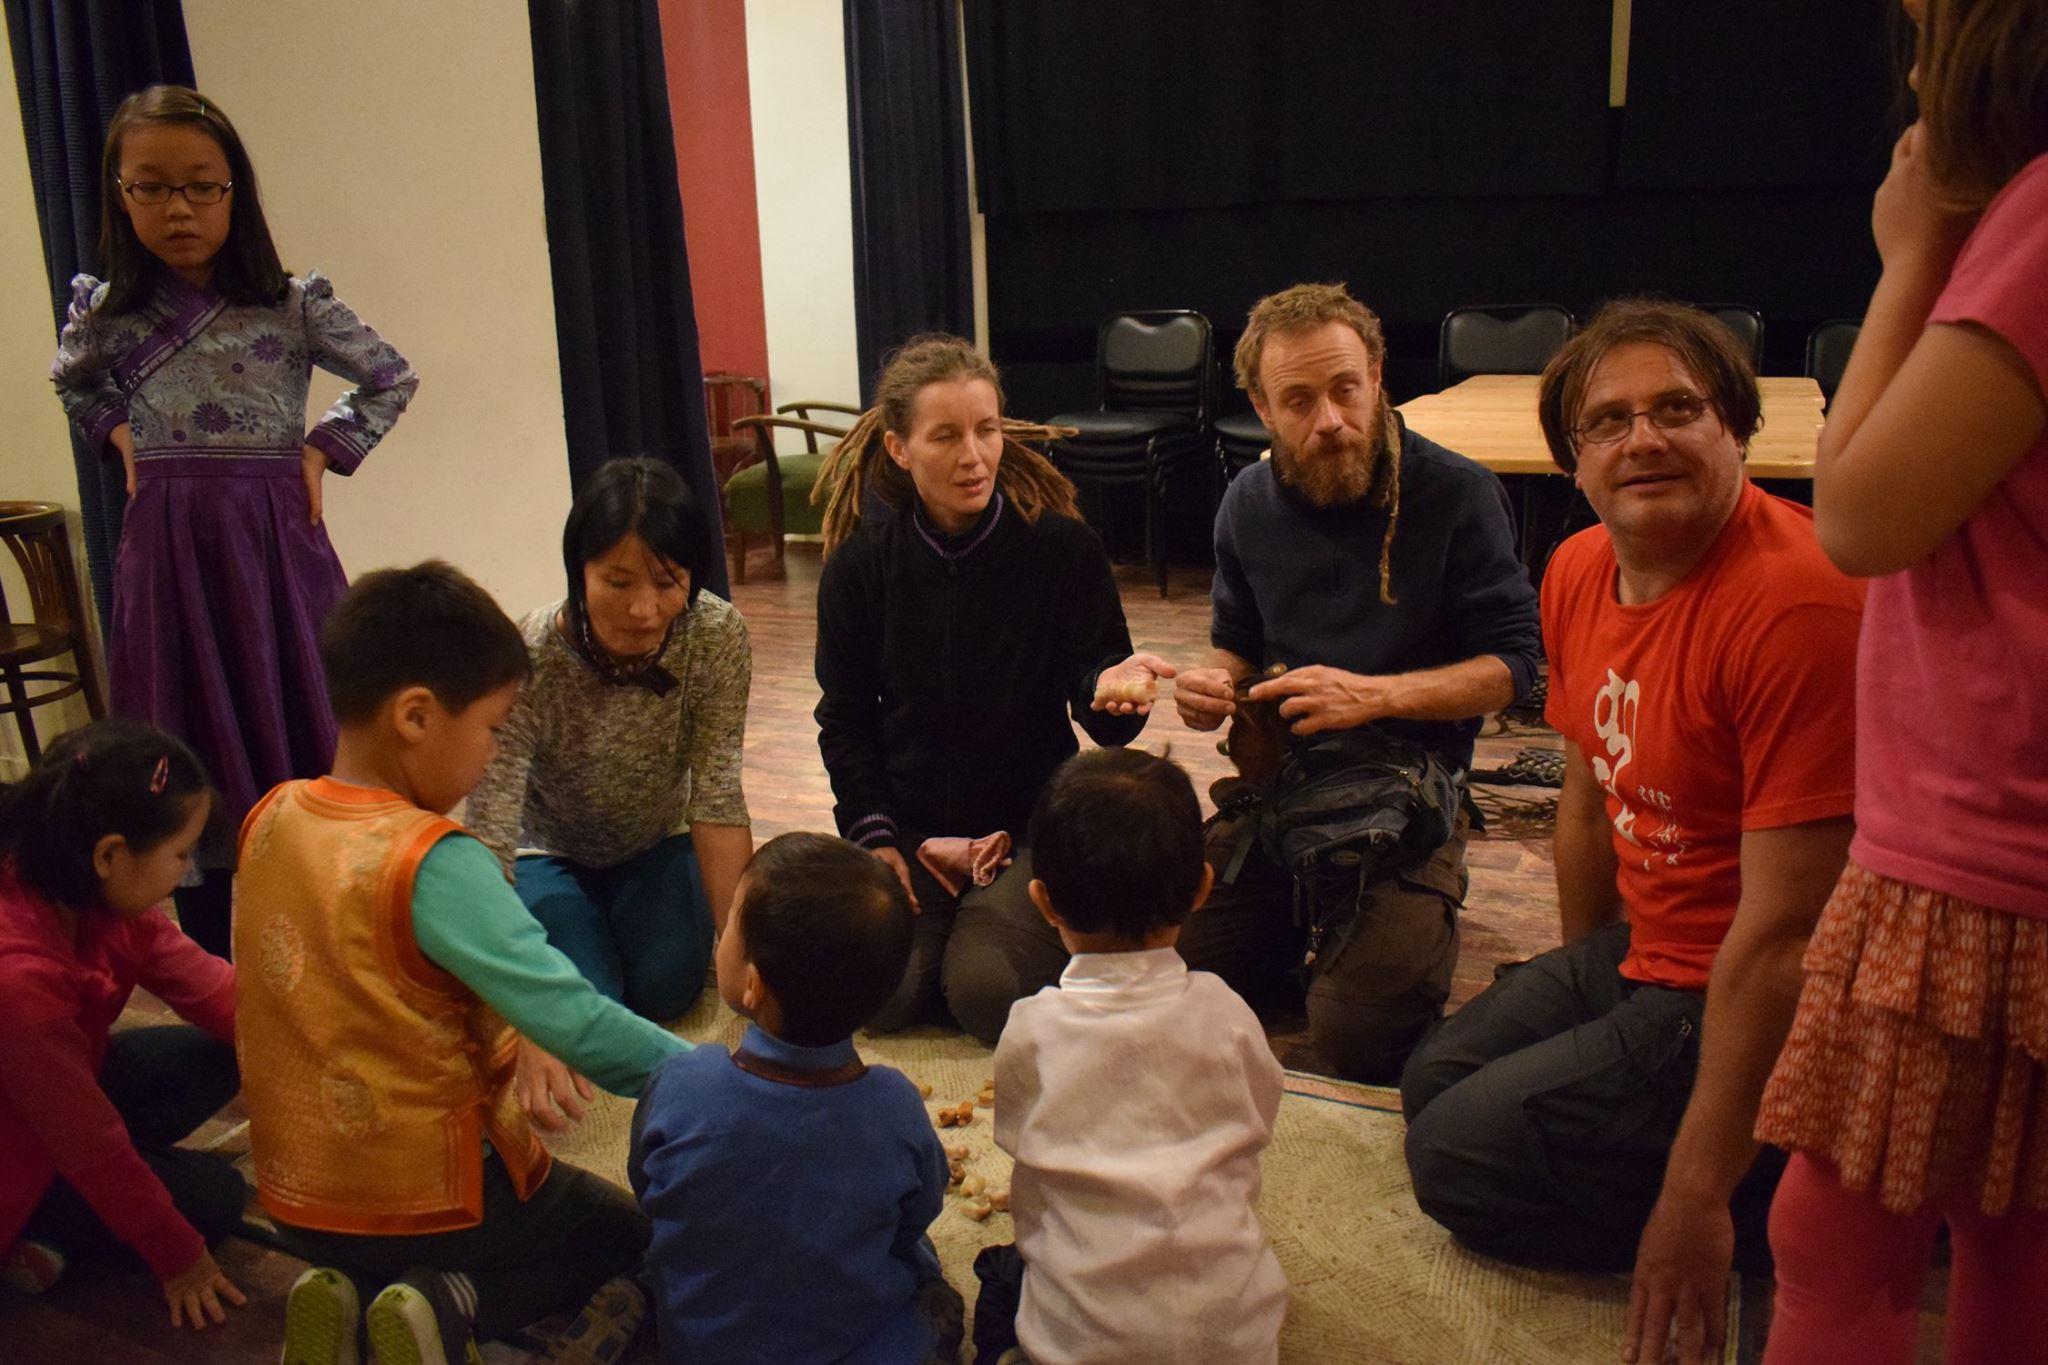 A gyerekek, és magyar (egyébként inkább barlangász körökben jól ismert) barátaim a csigacsont pöckölést gyakorolják.